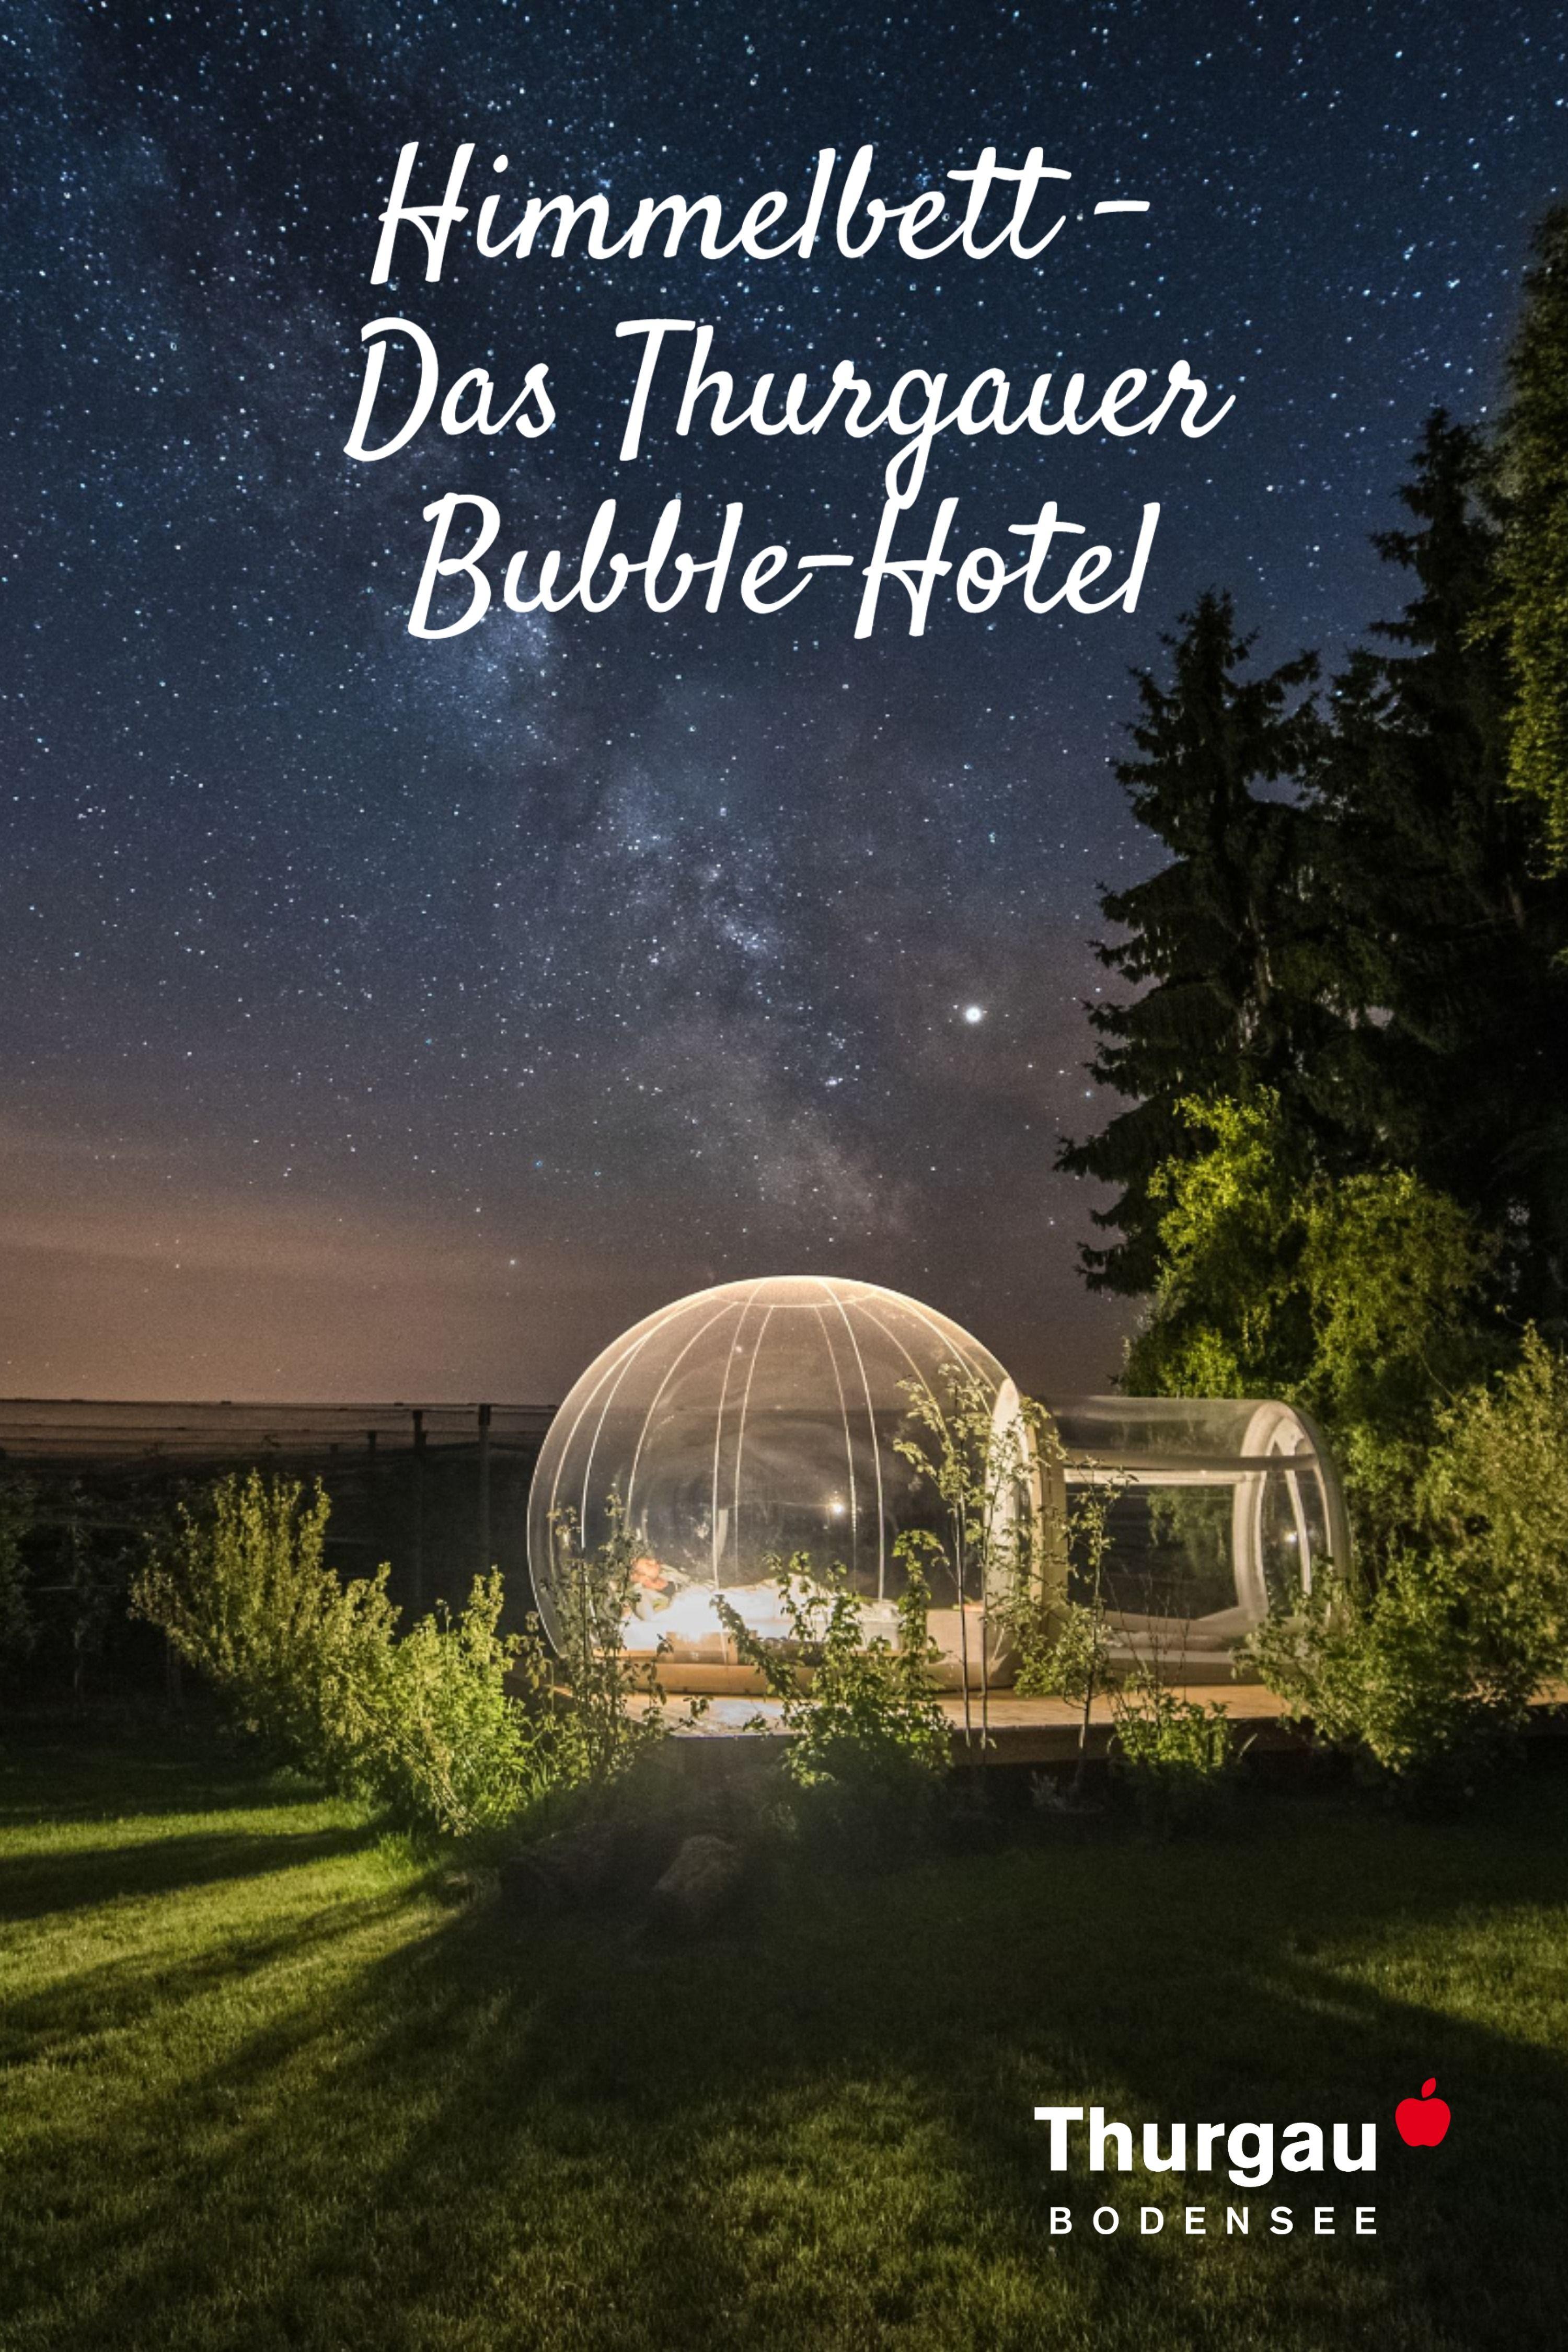 Thurgauer Bubble Hotel In 2020 Tourismus Reisen Hotel